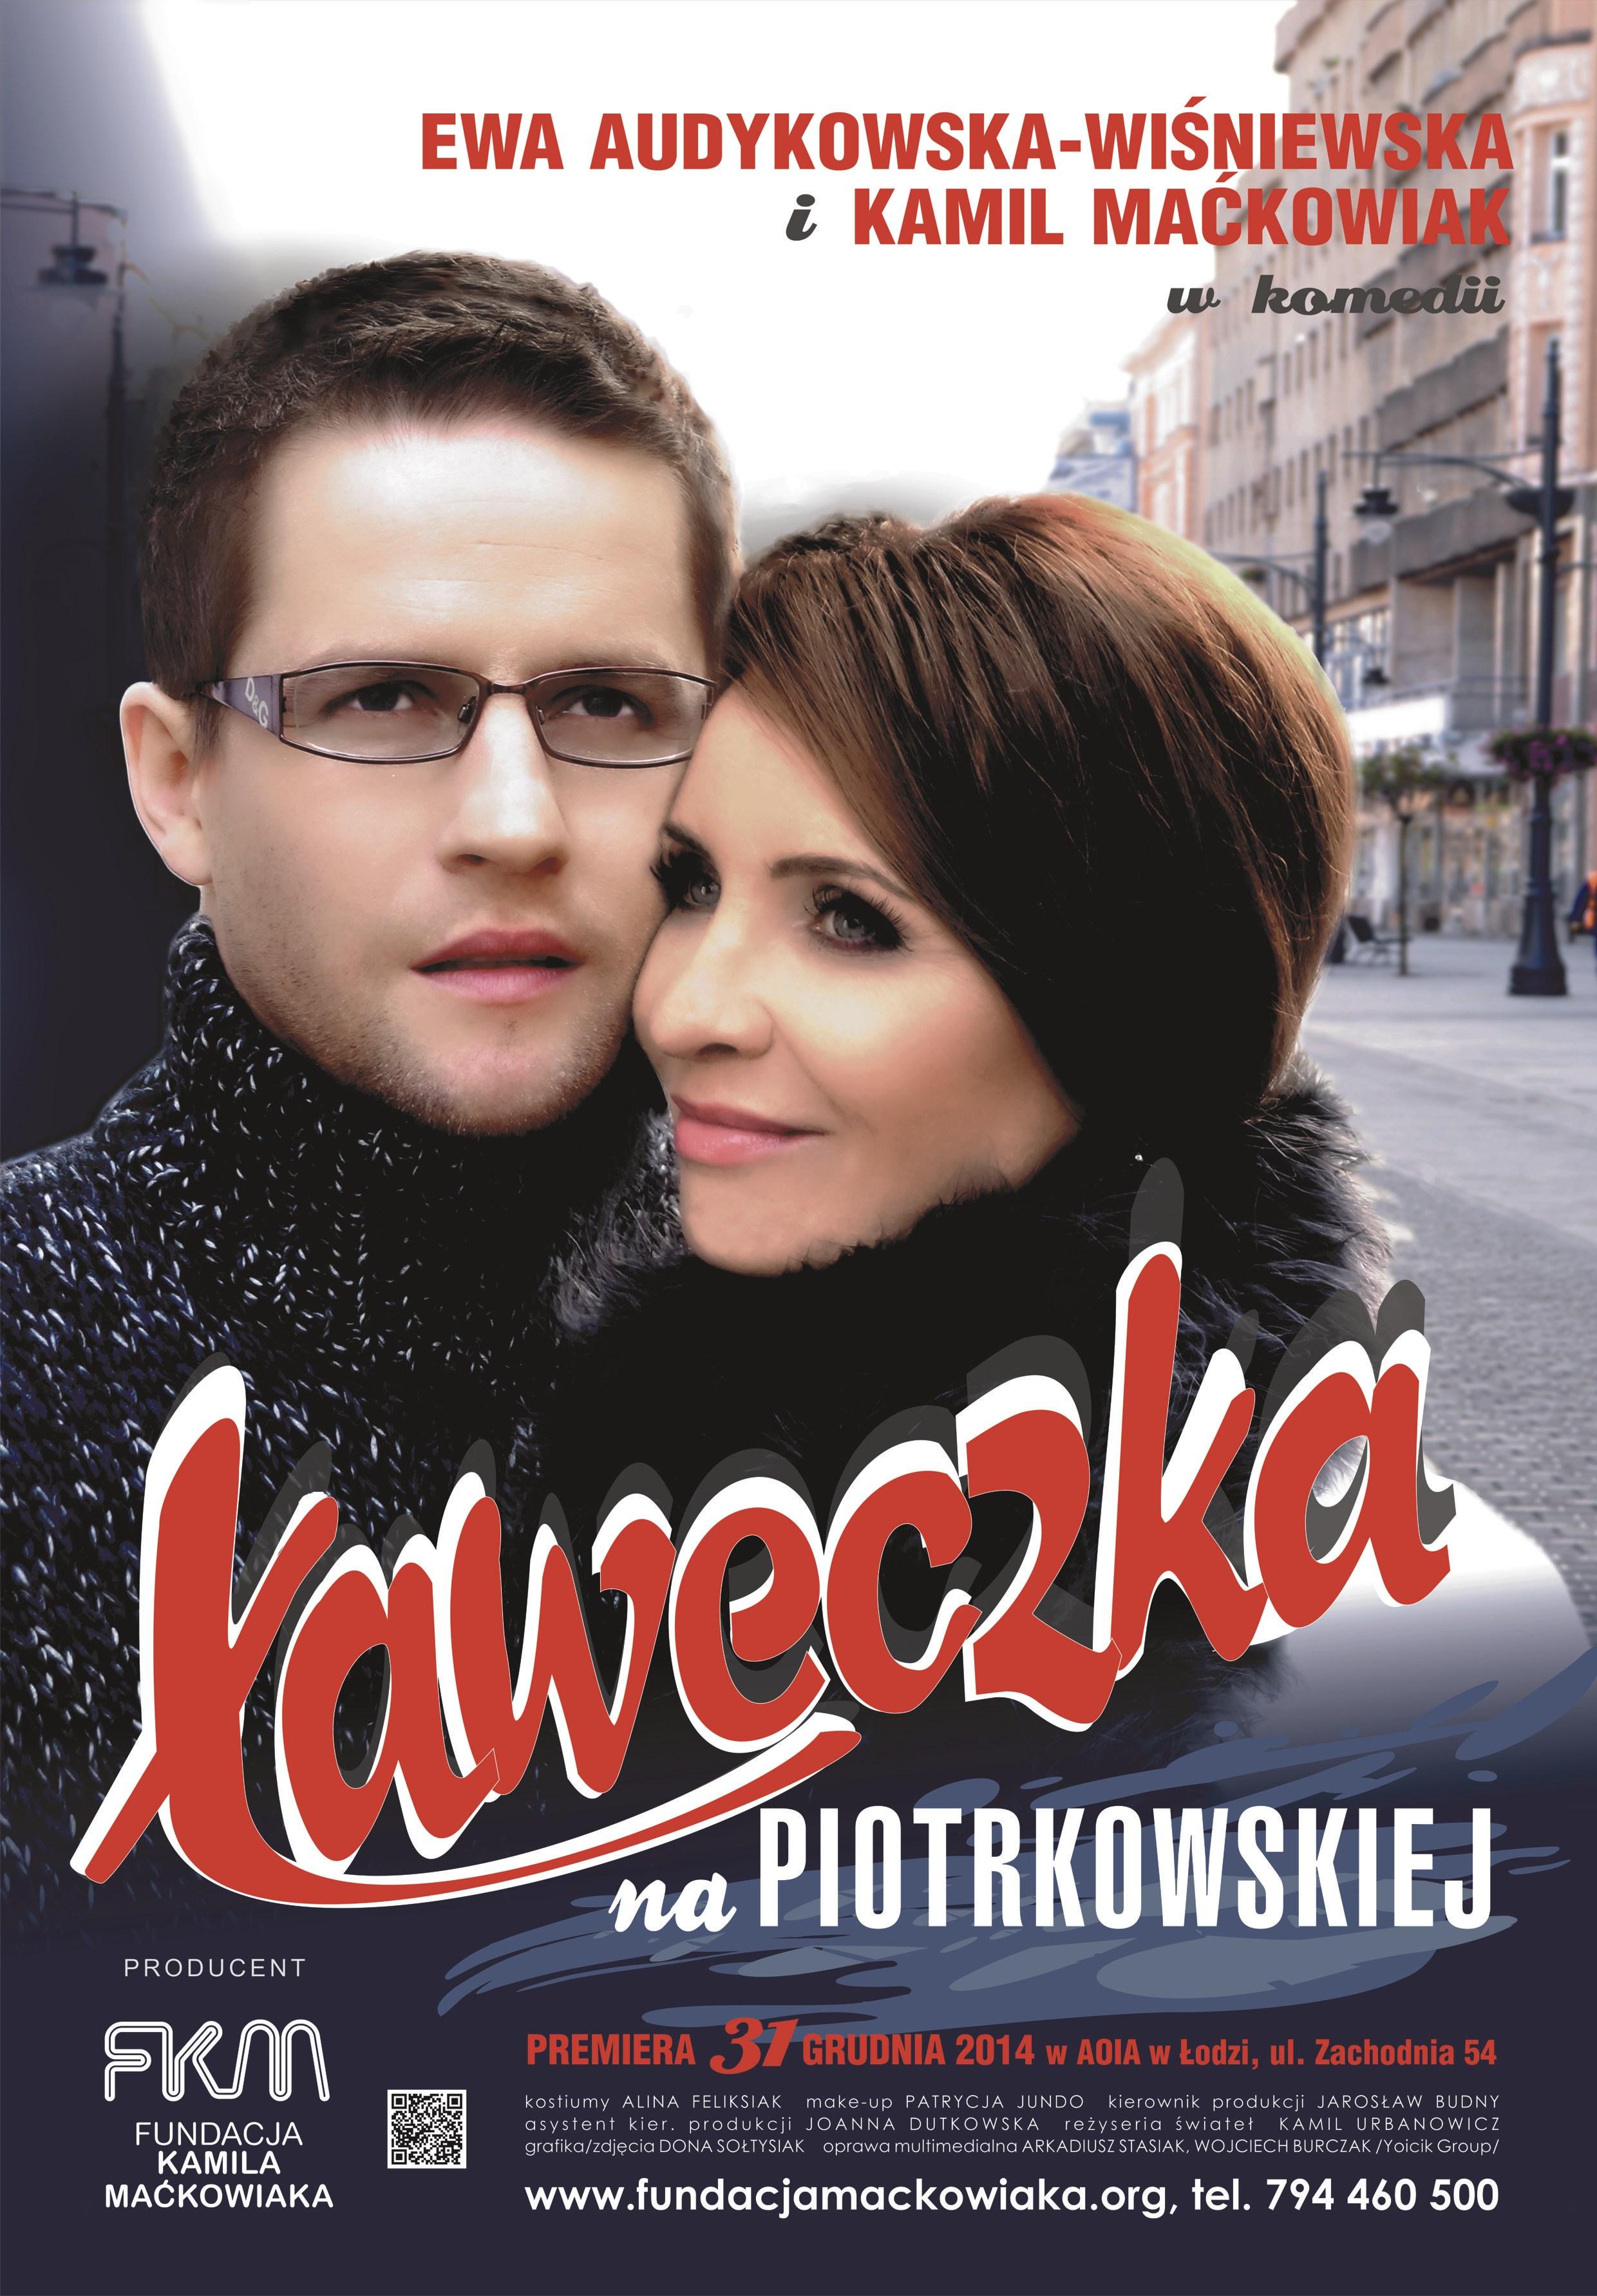 ŁAWECZKA NA PIOTRKOWSKIEJ Plakat FKM